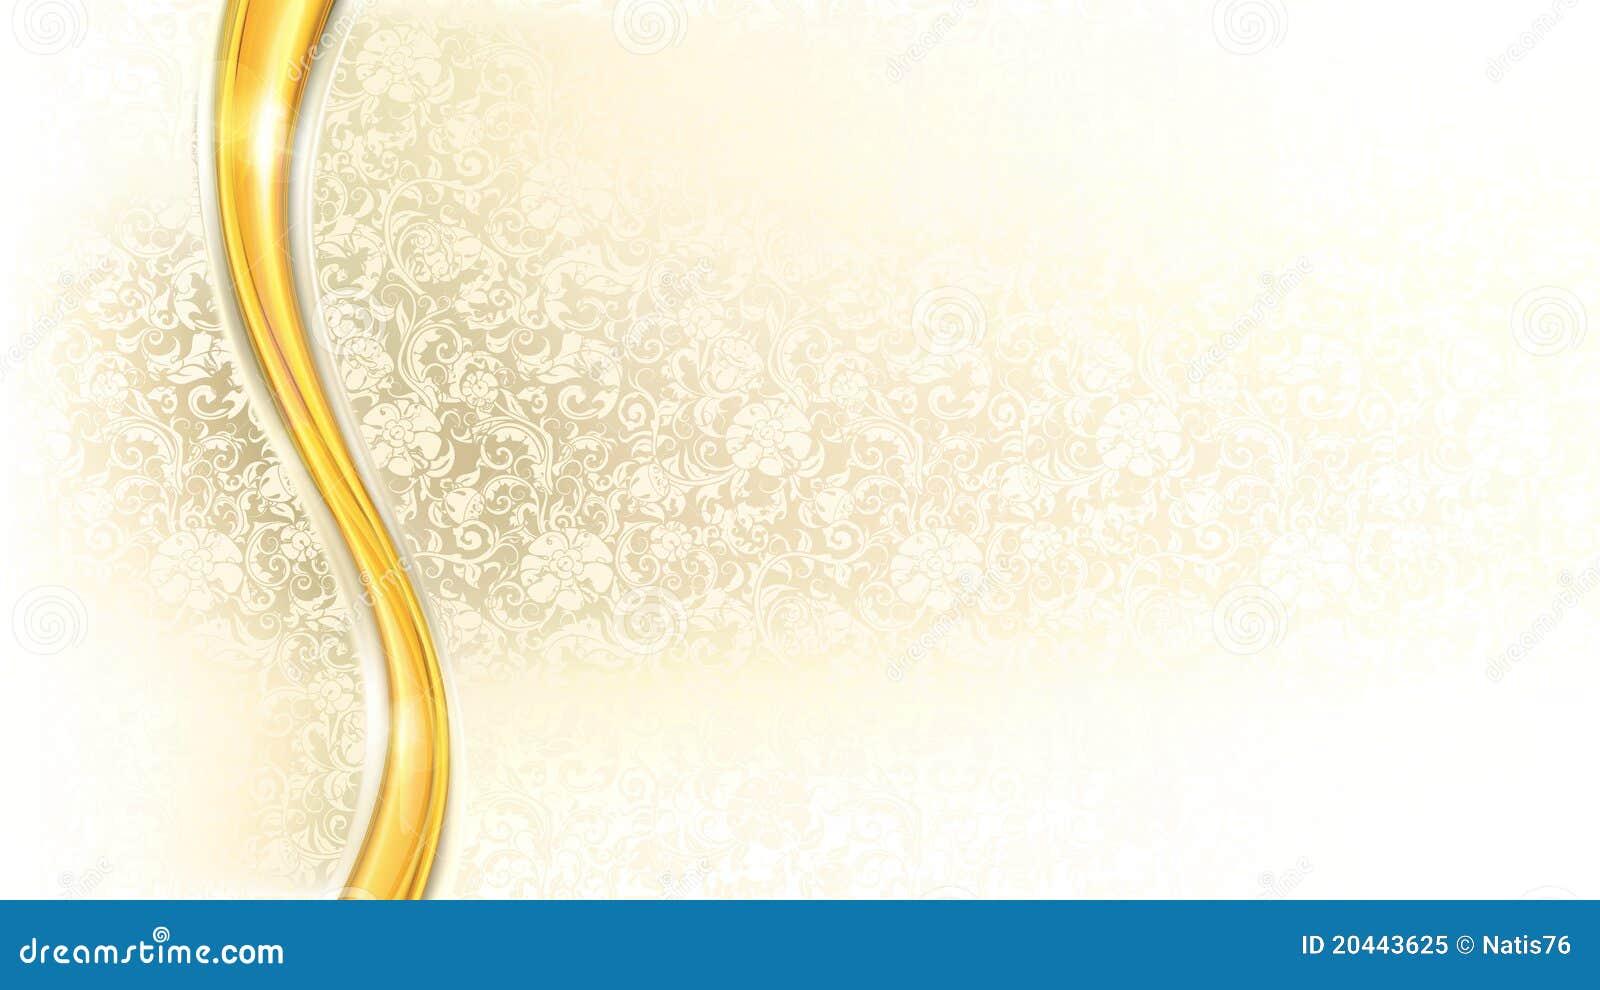 Luxury Background Royalty Free Stock Photo Image 20443625